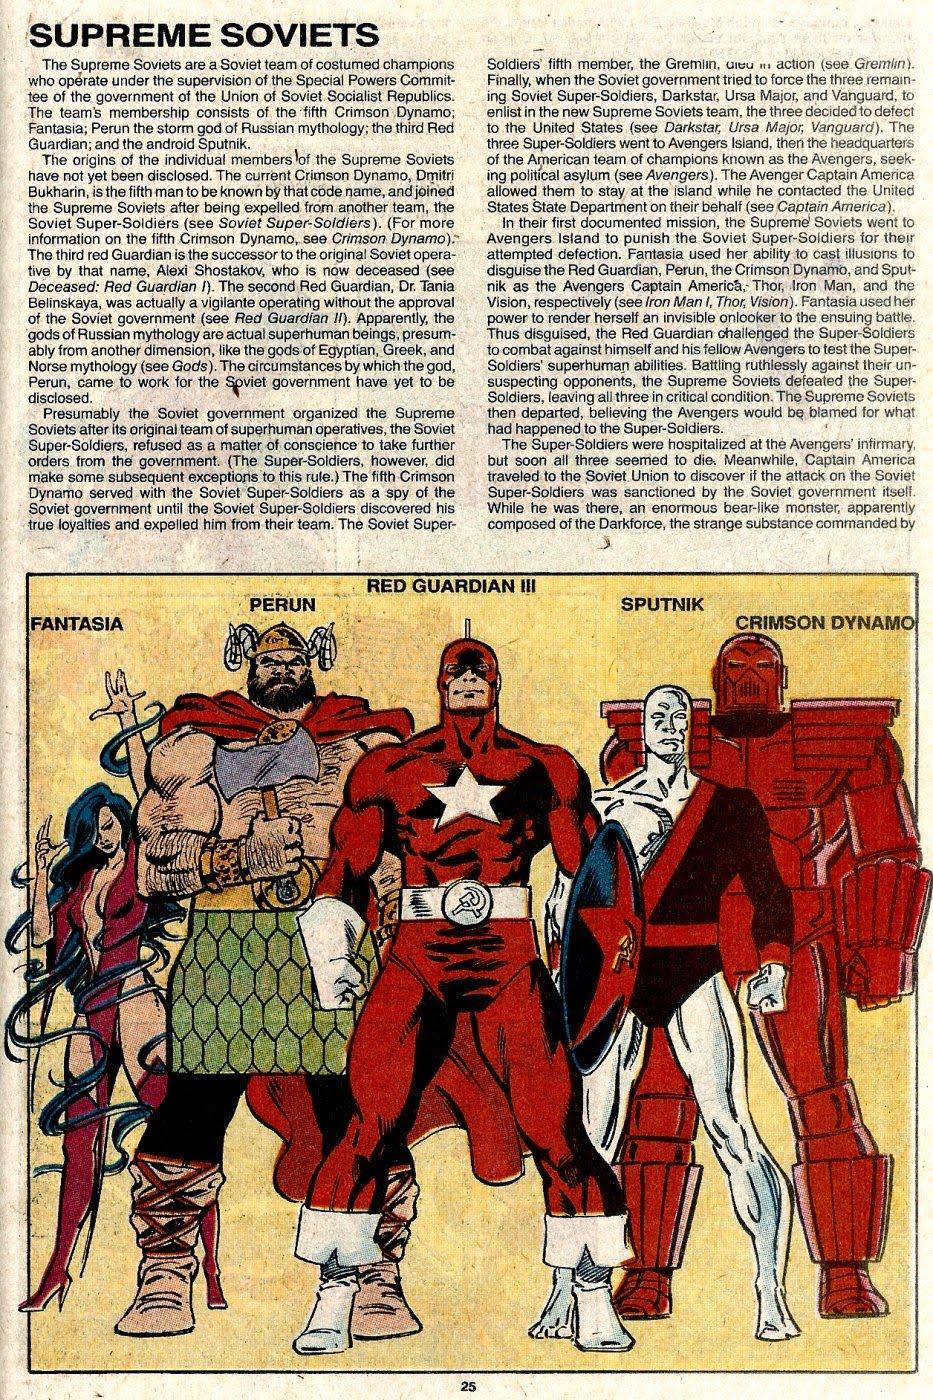 Los comunistas también tenemos superhéroes SupremeSoviets1